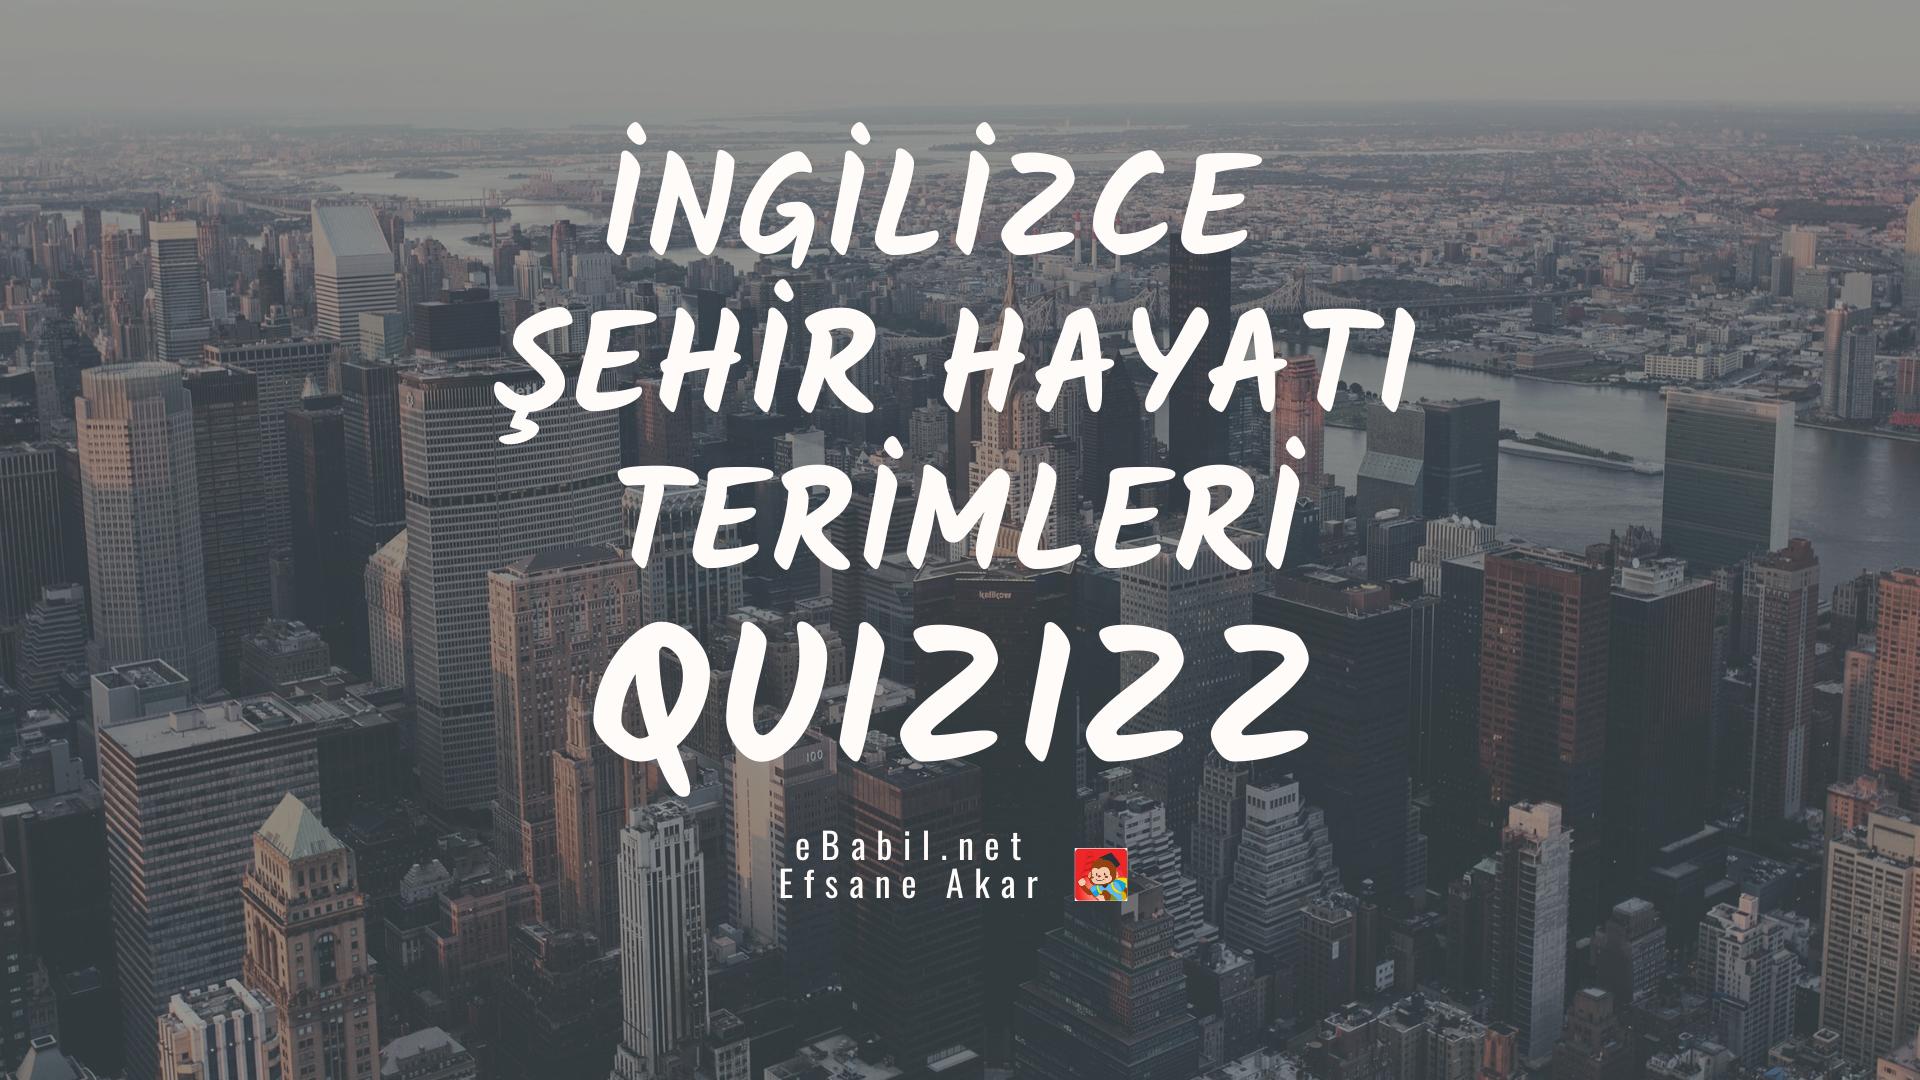 İngilizce Şehir Hayatı Terimleri Kelime Oyunu